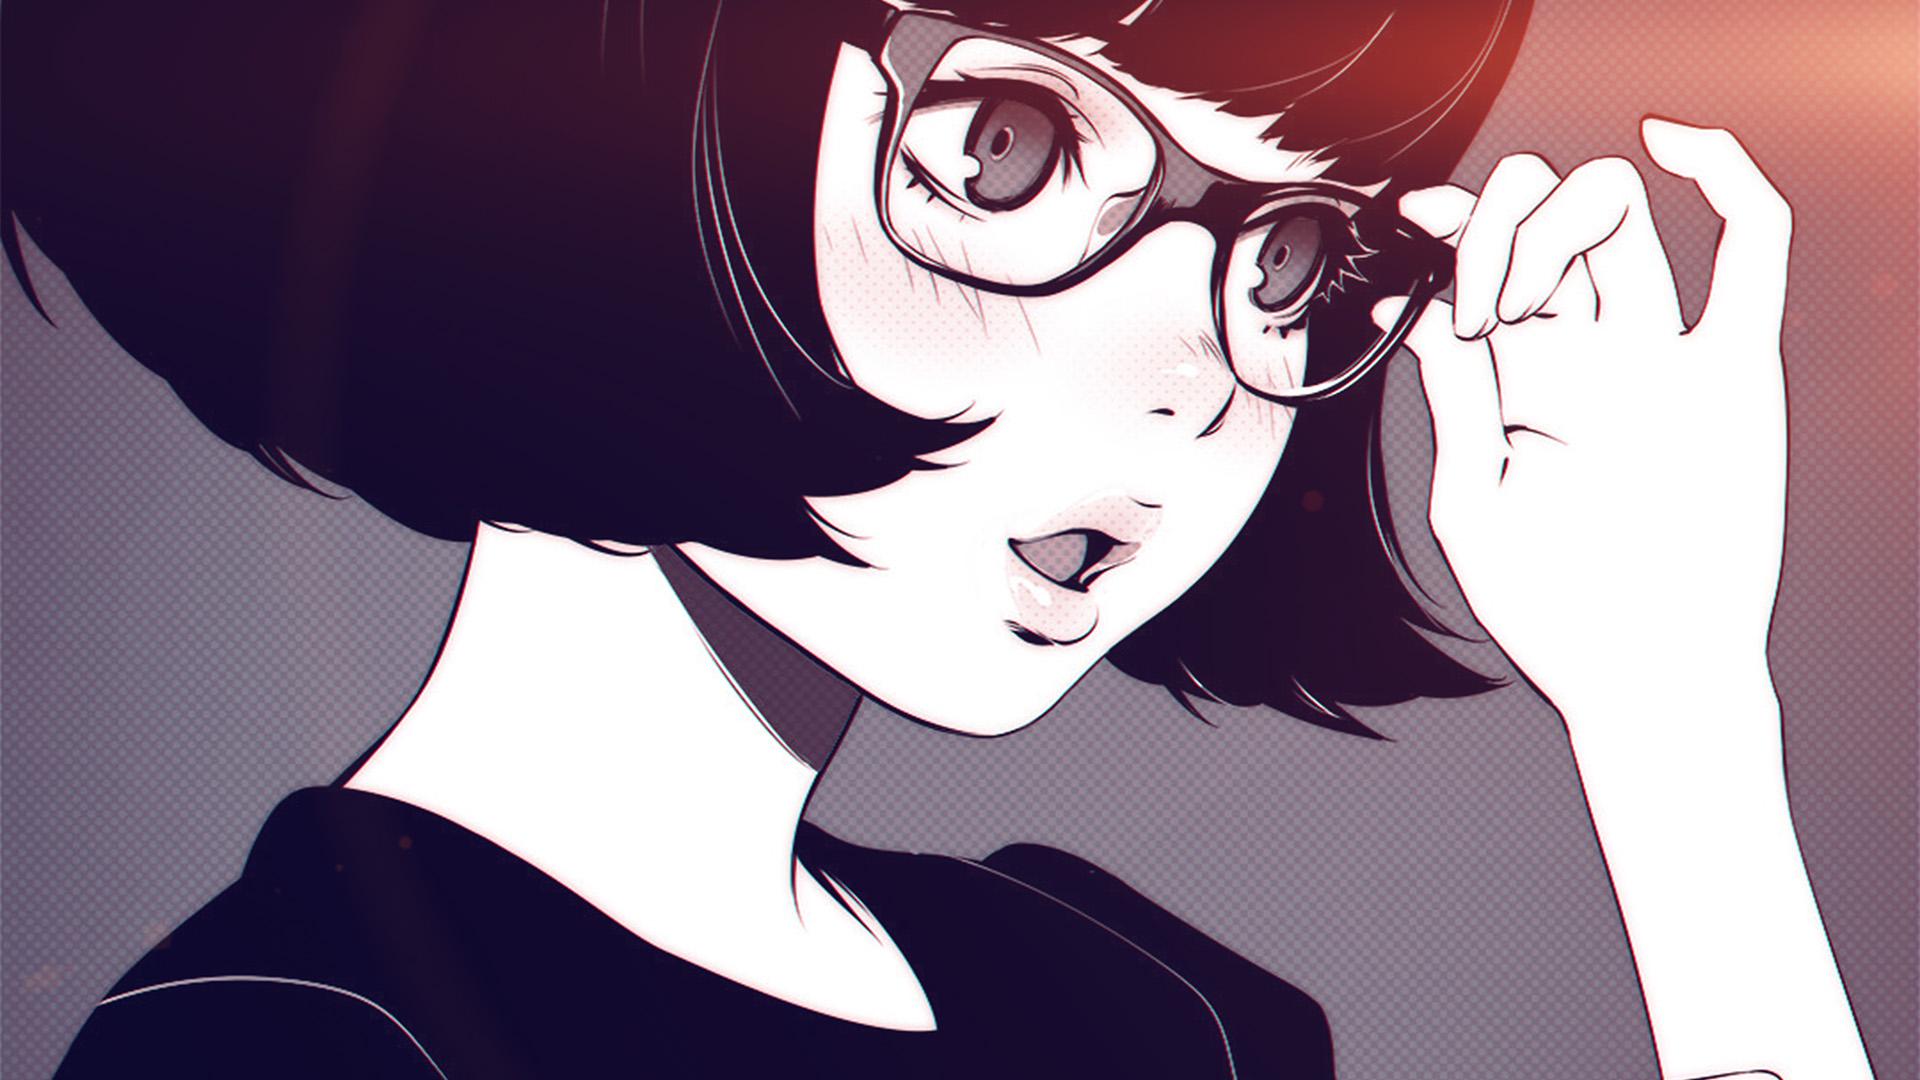 Best Wallpapers For Iphone 7 Aw23 Girl Bw Anime Ilya Kuvshinov Illustration Art Flare